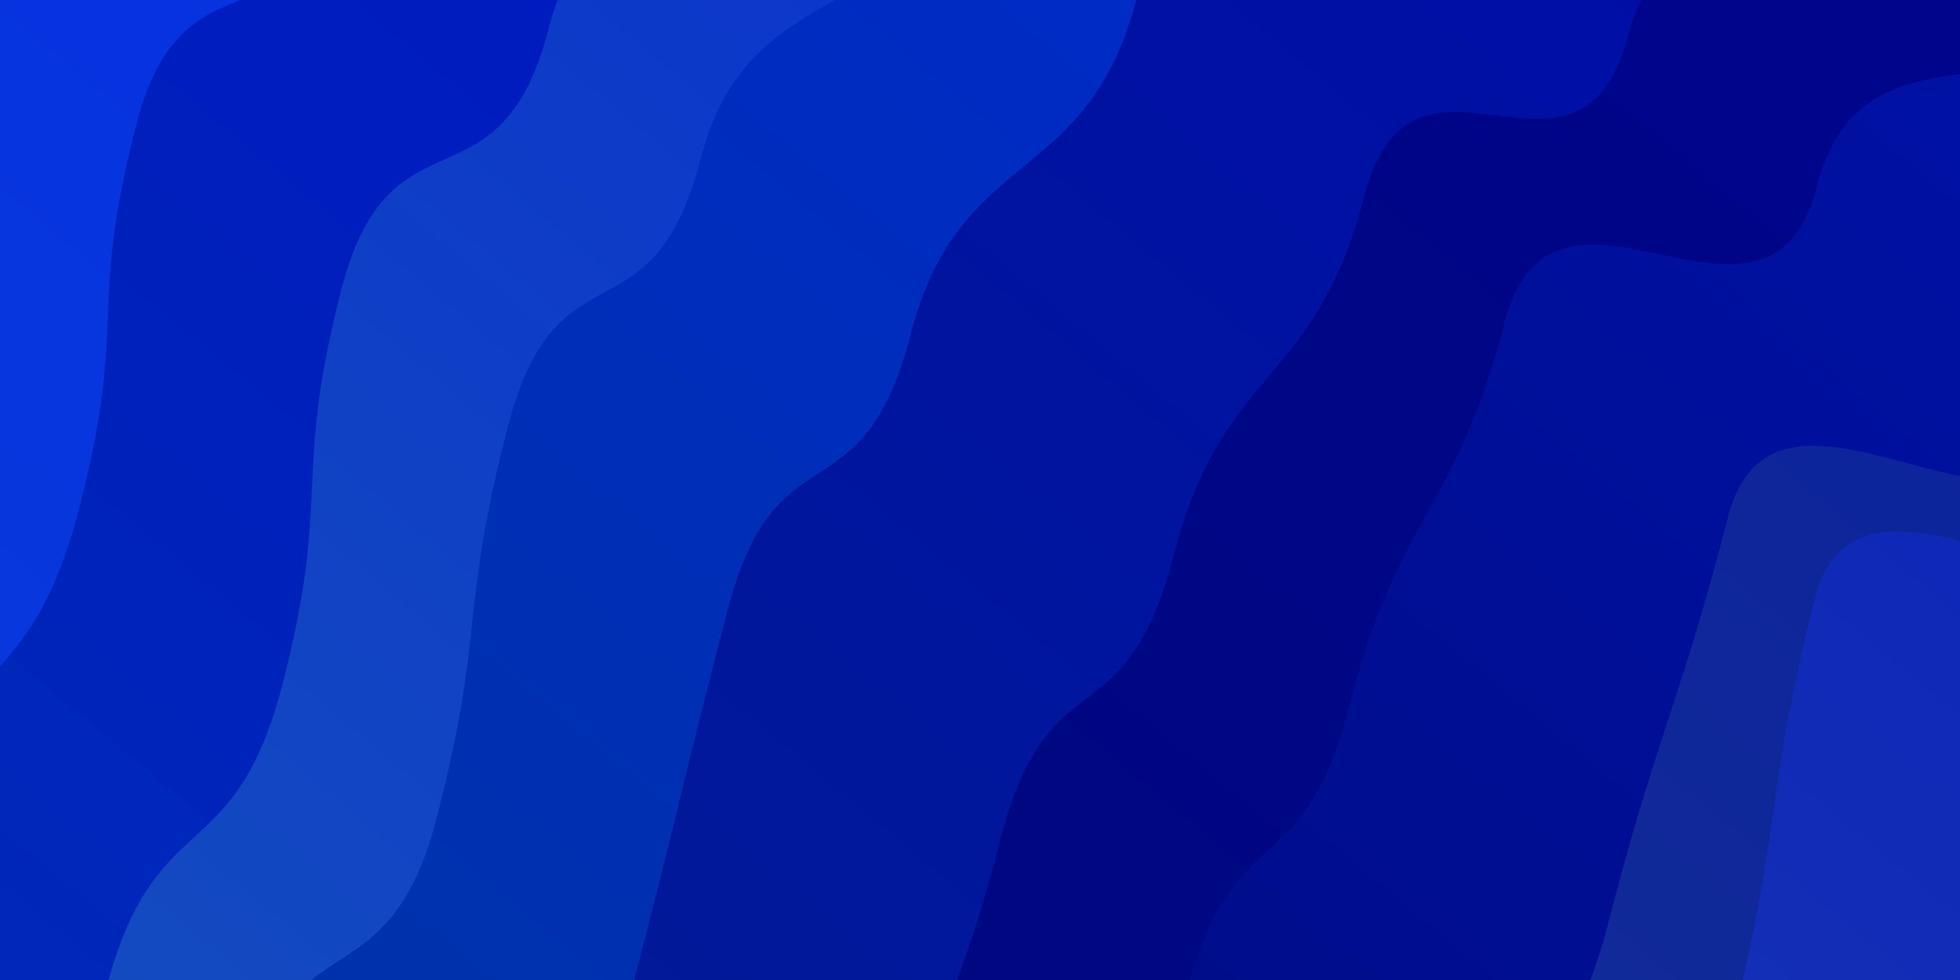 lichtblauwe, gele vectorlay-out met wrange lijnen. vector